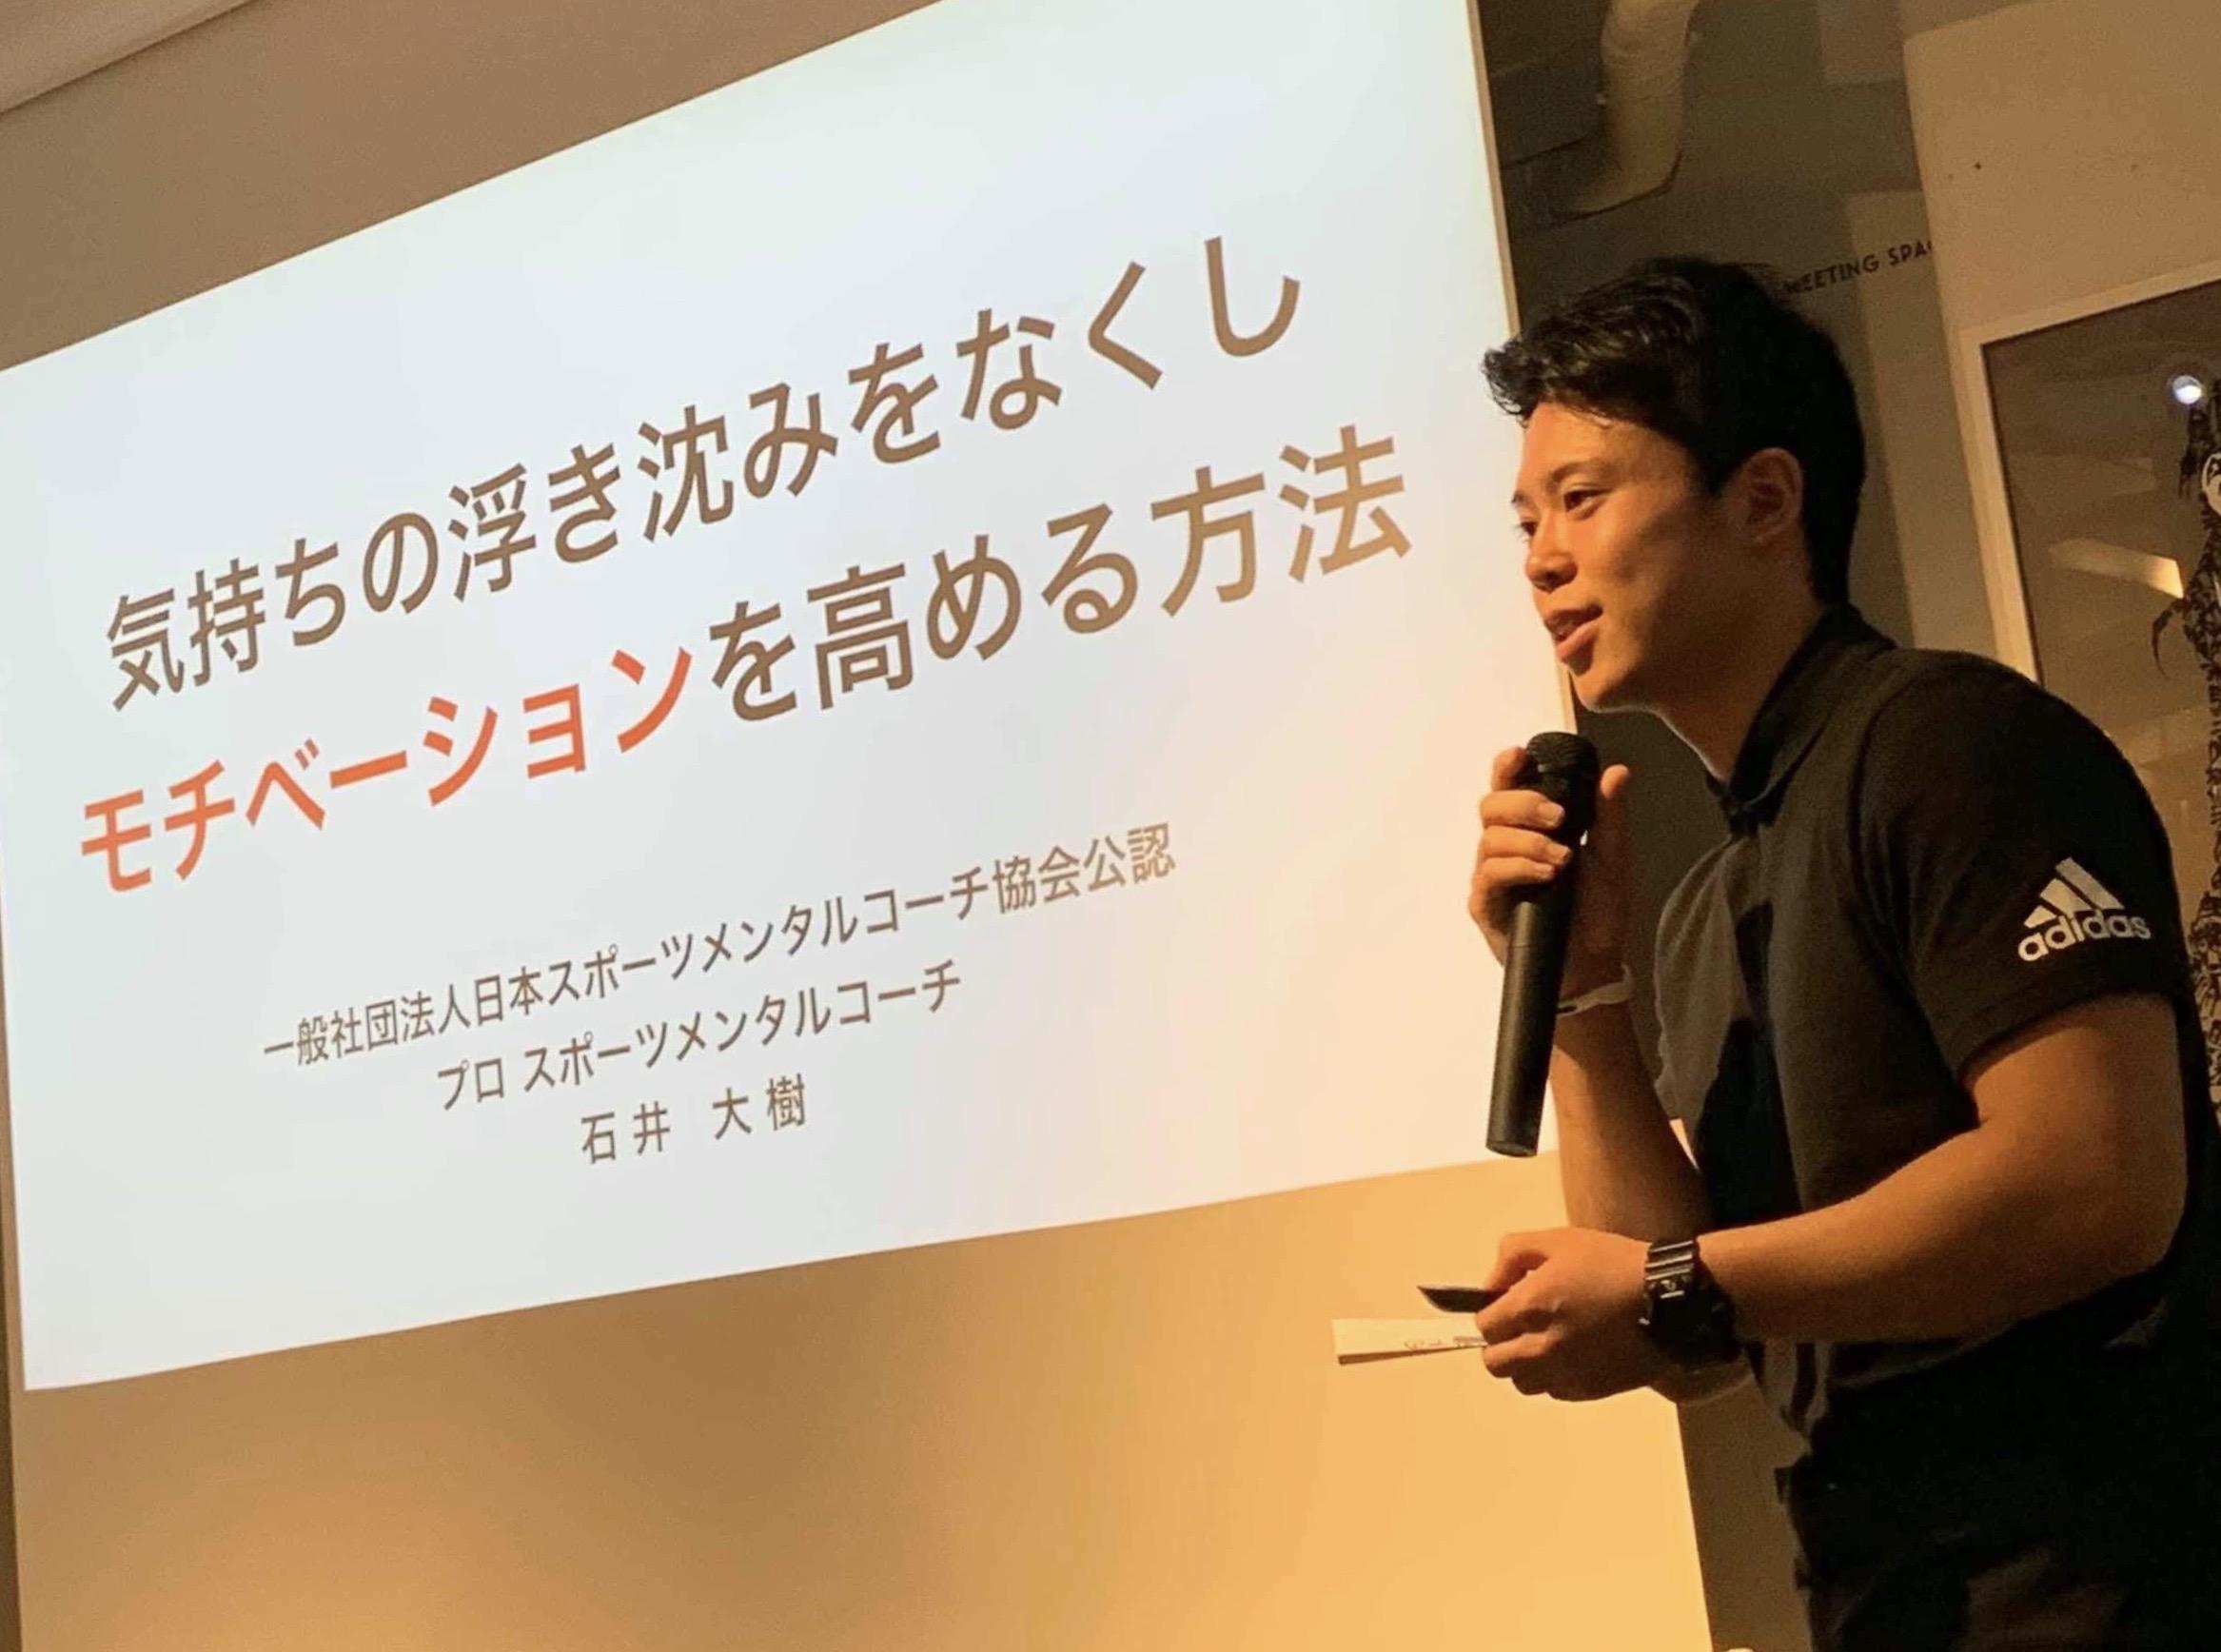 スポーツメンタルコーチ 石井